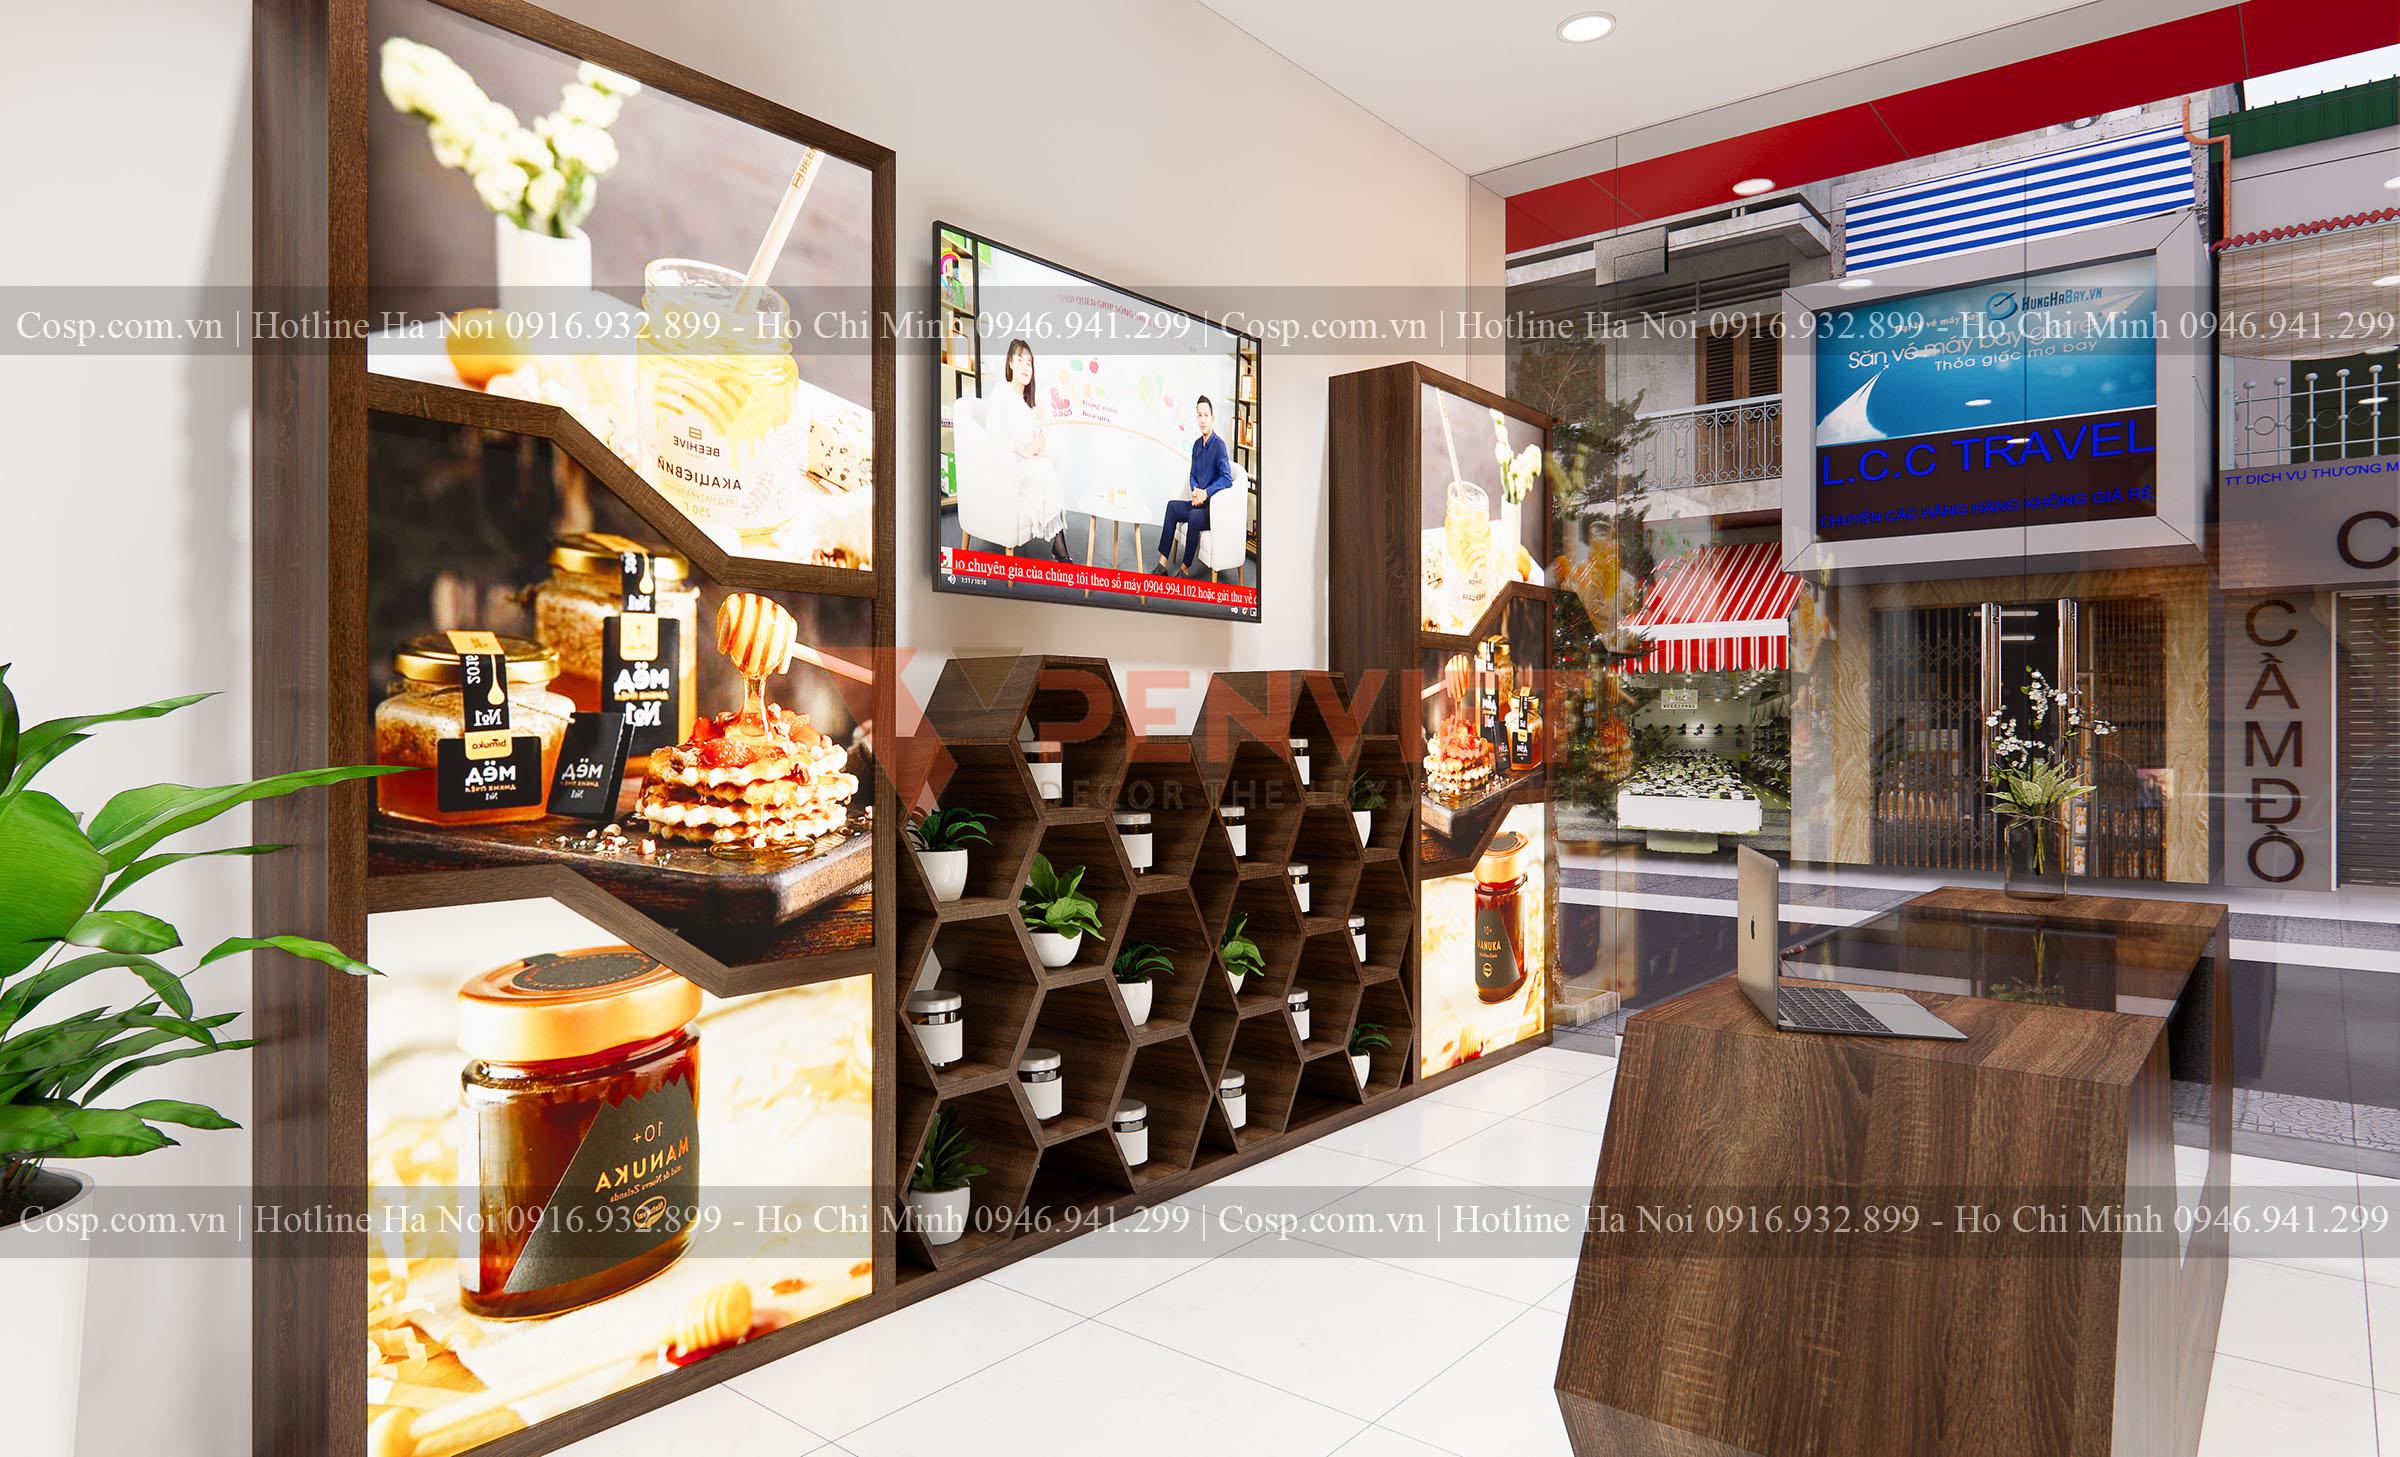 Kệ sát tường bên phải của mẫu Thiết kế shop mật ong Bác Lập